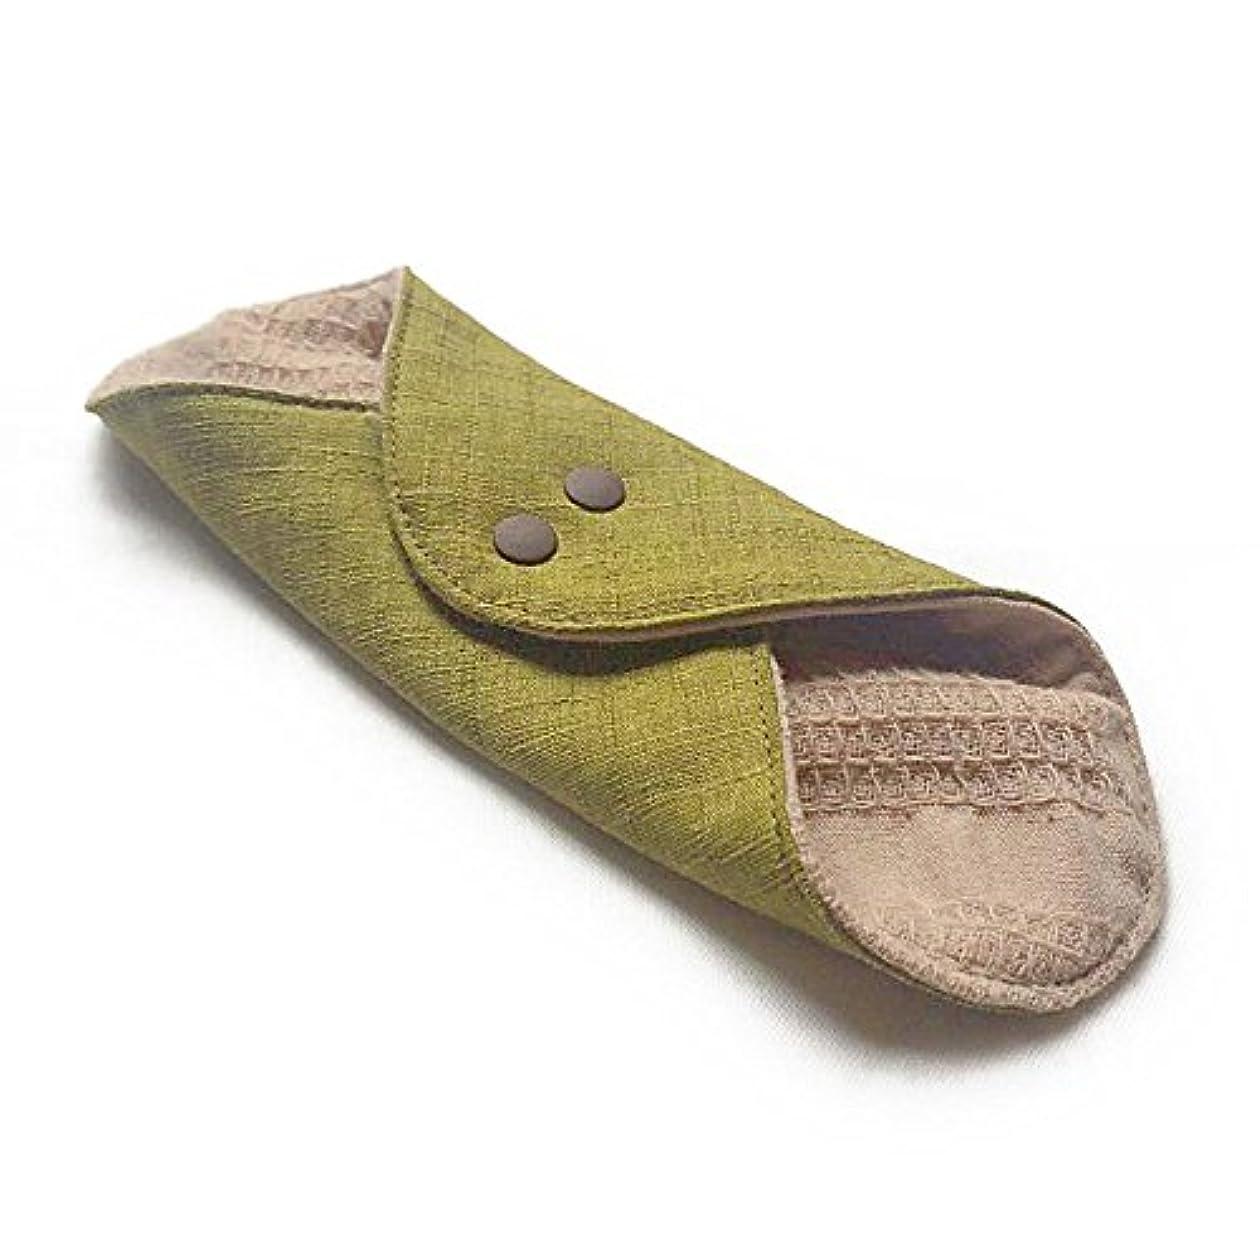 値する扇動するいいね華布のオーガニックコットンのあたため布 Mサイズ(約15×約15cm) 彩り(抹茶)